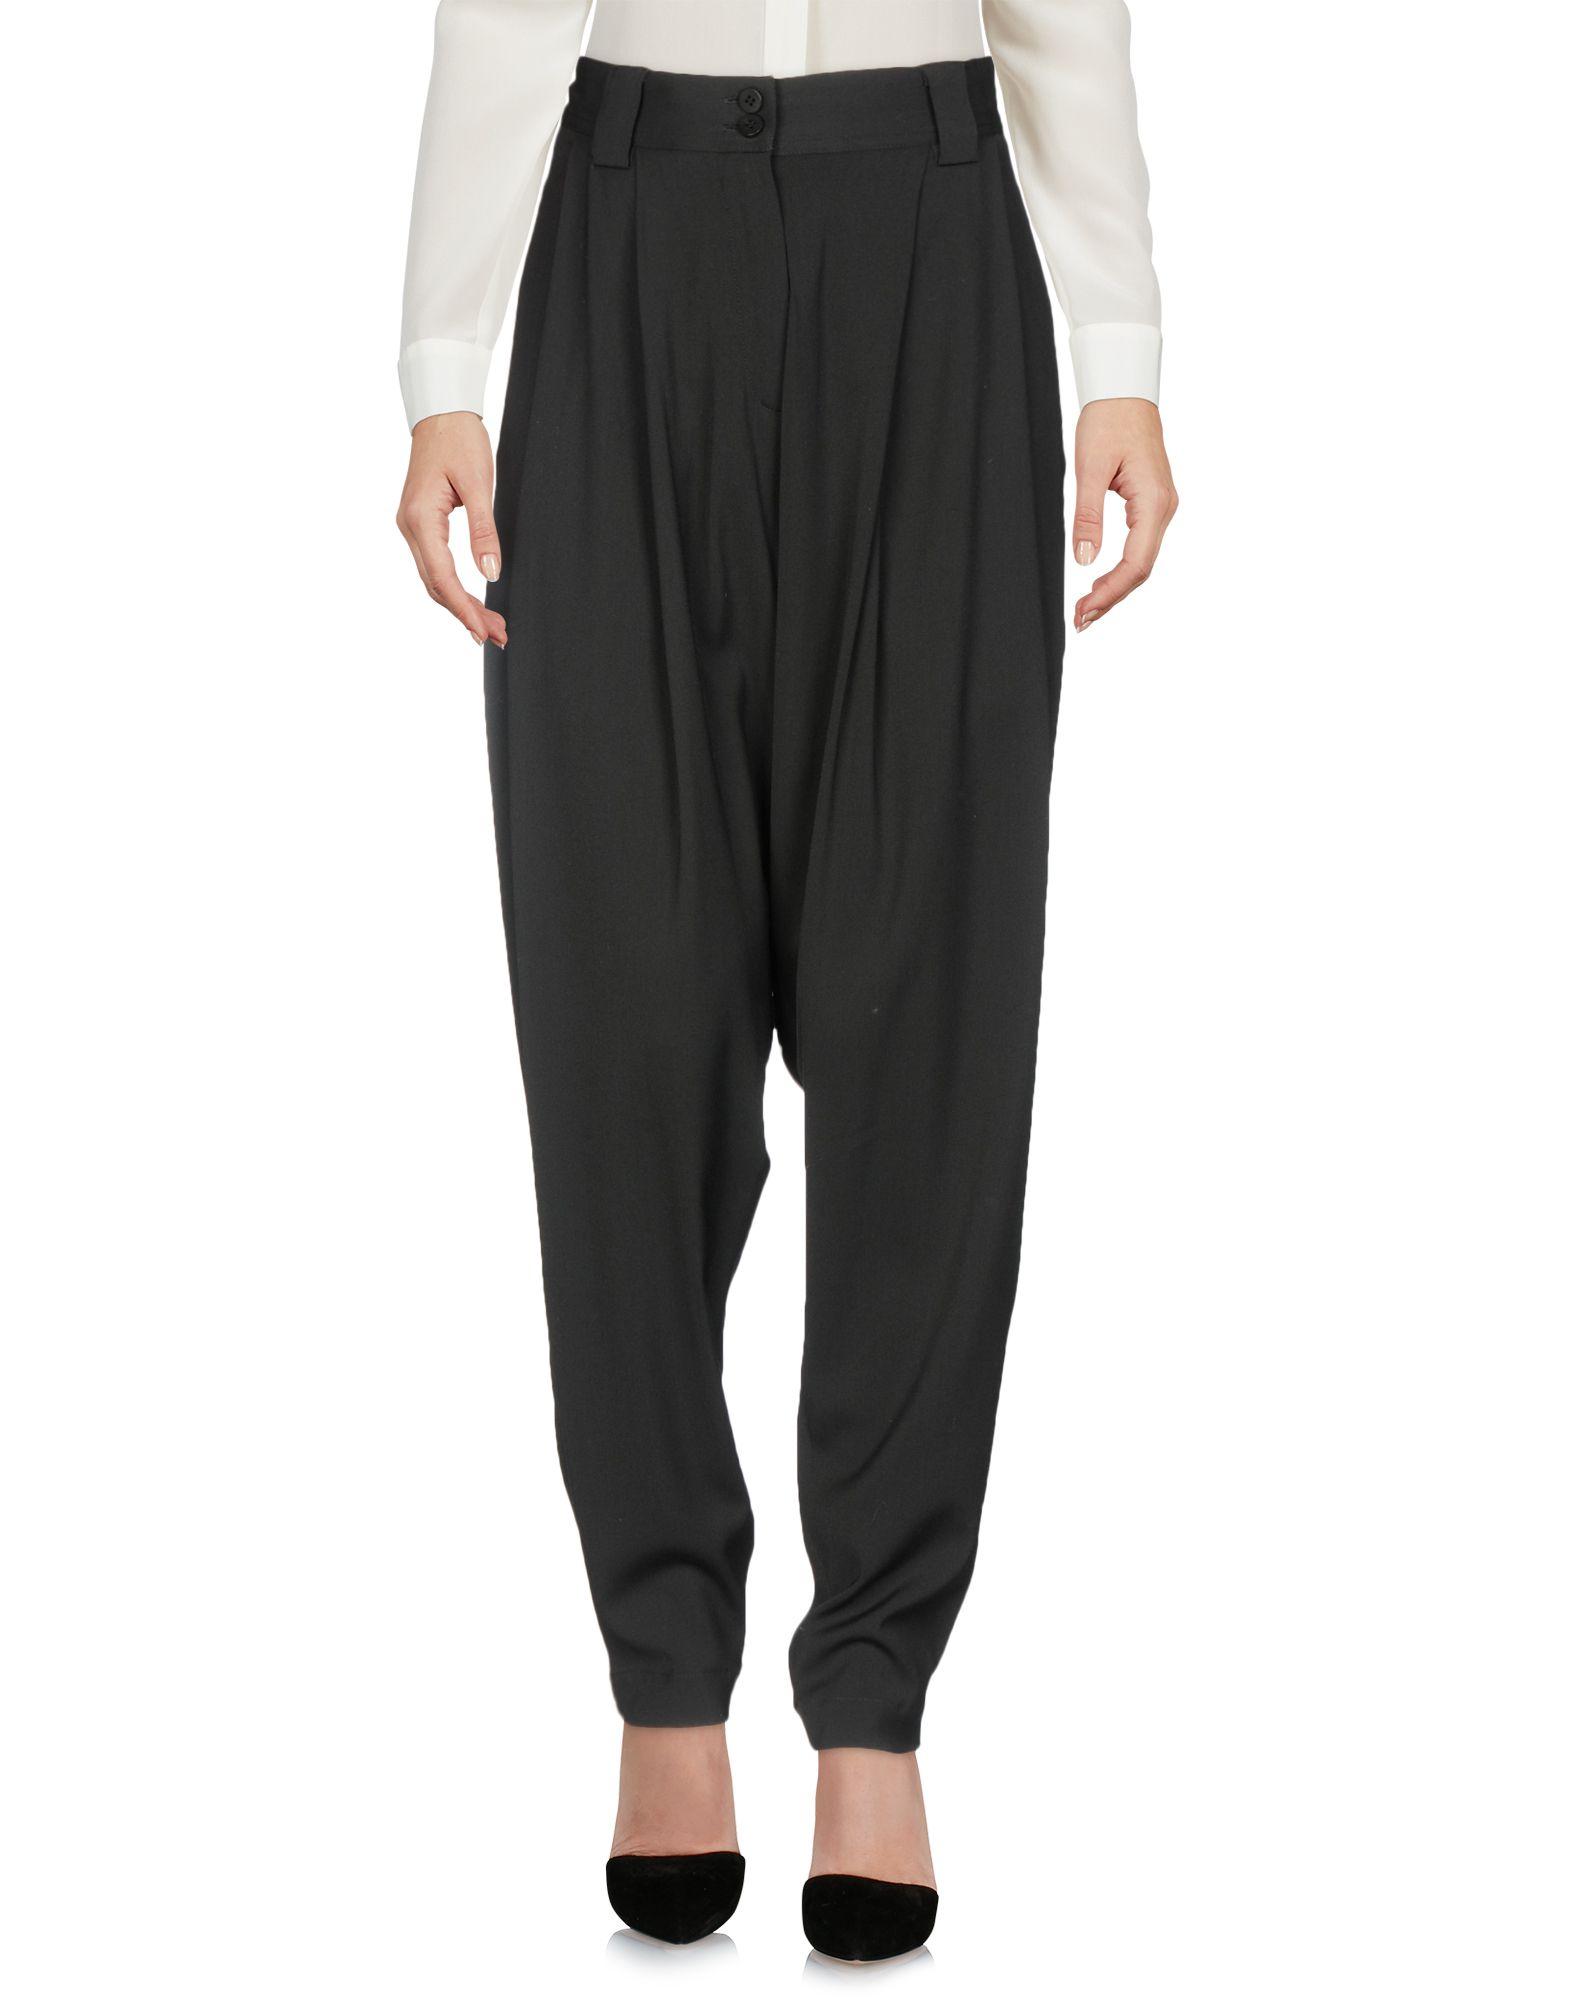 Pantalone Isabel Benenato Donna - Acquista online su t1vhnudbXb